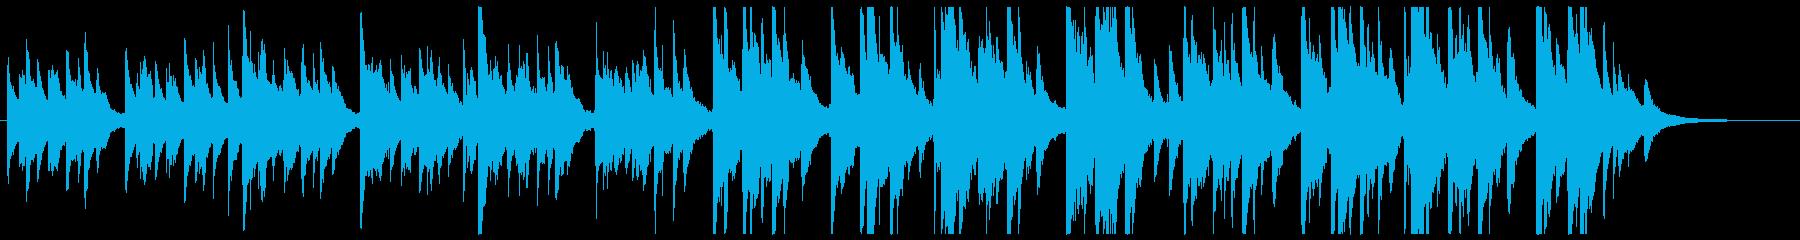 シロツメクサの再生済みの波形